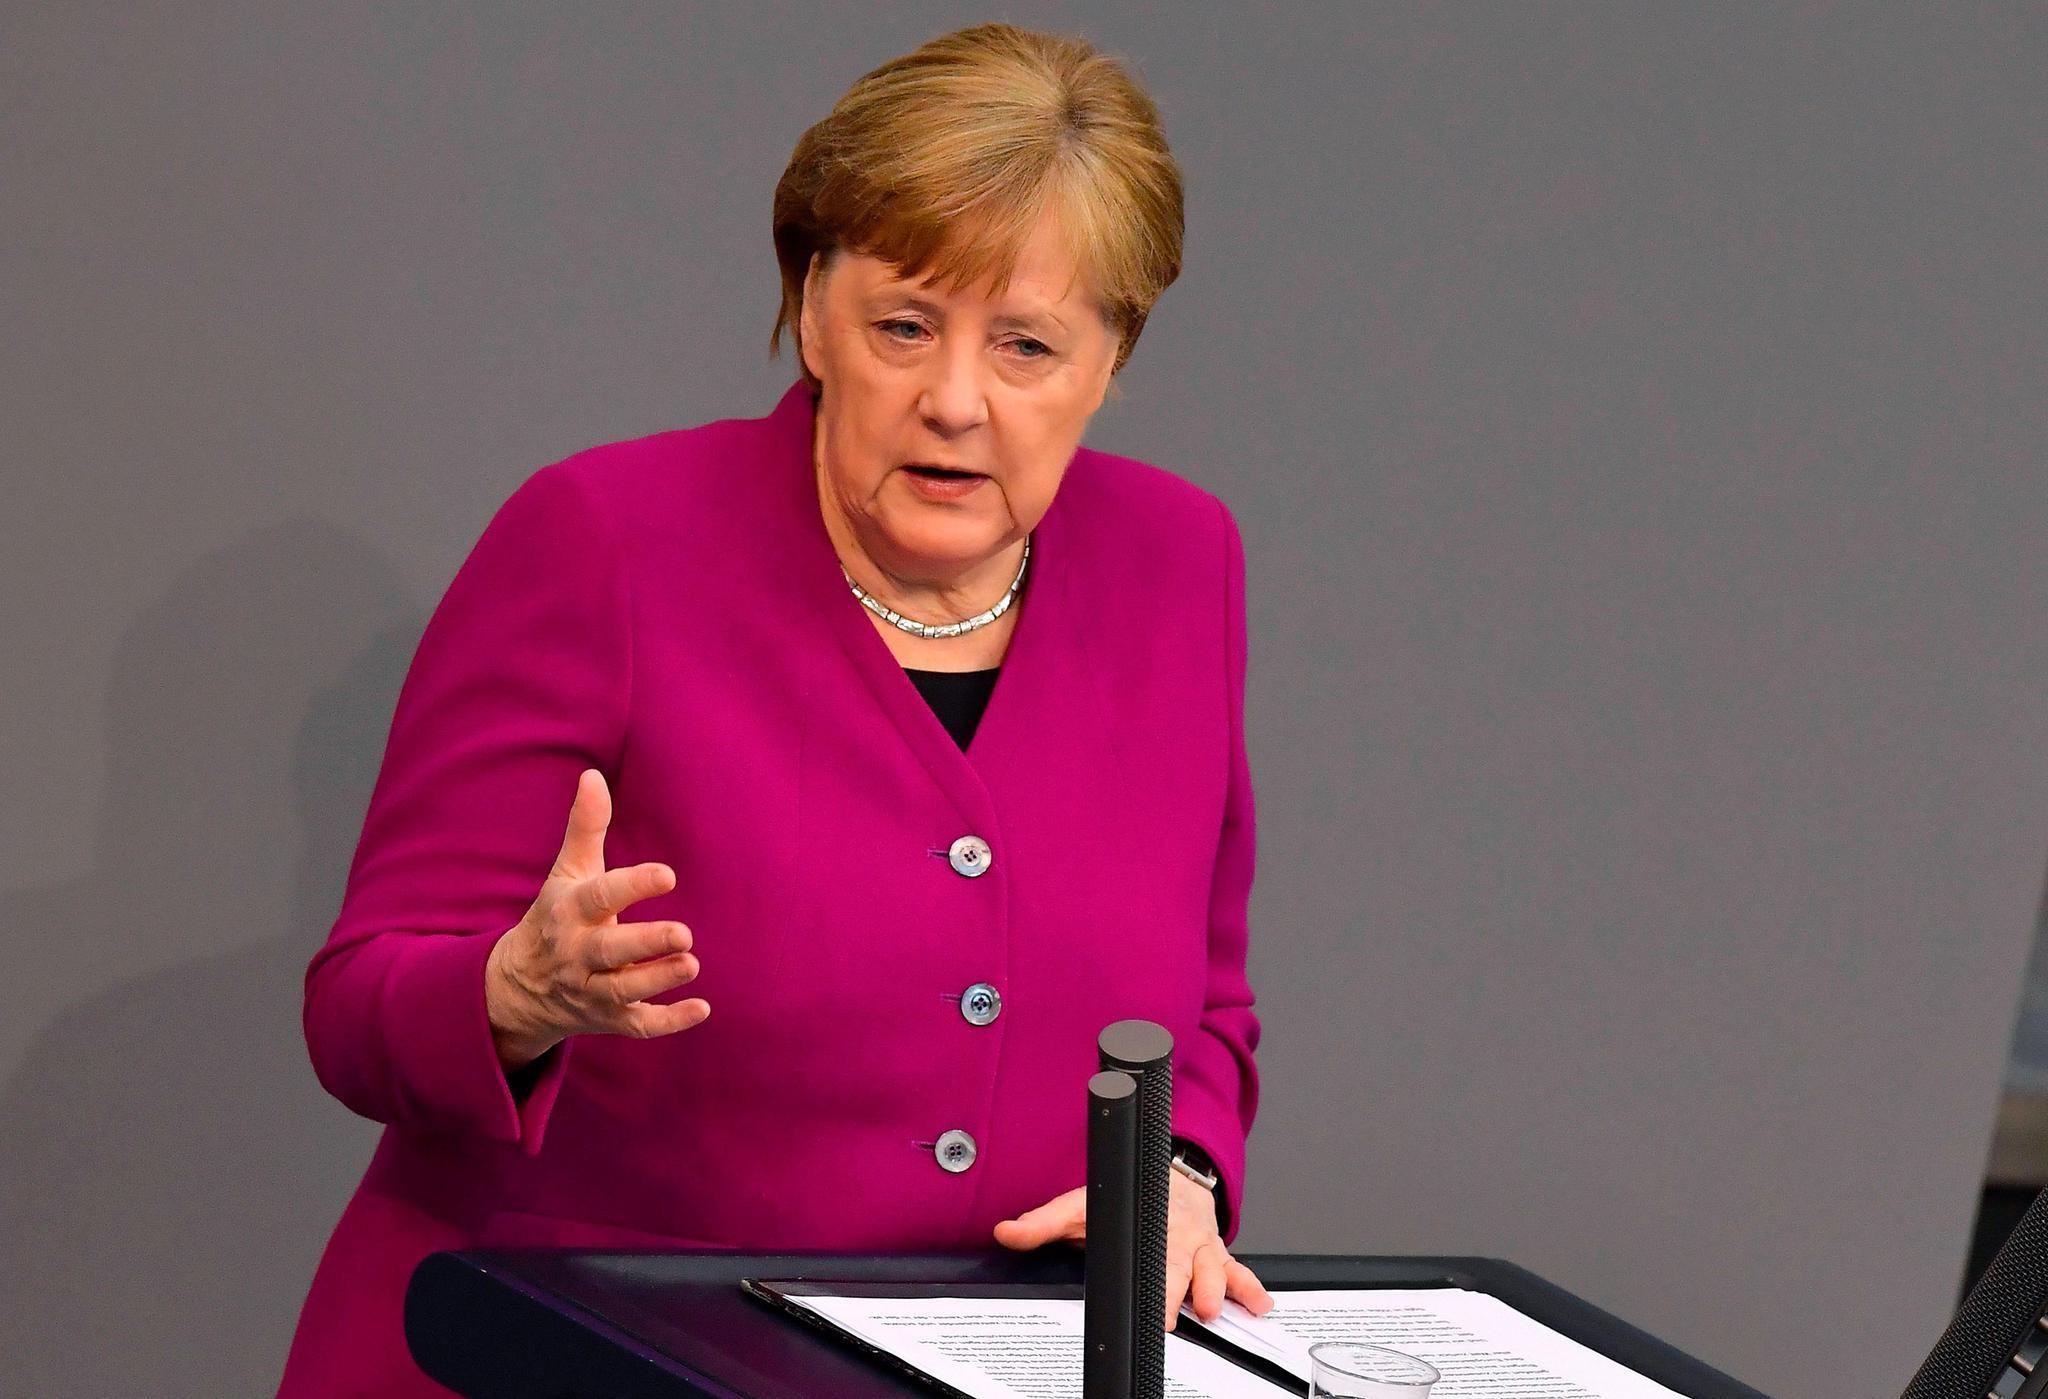 《【超越娱乐注册官网】科普!2020年德国GDP实际下降5%,为何换成美元却只下降1.5%呢?》